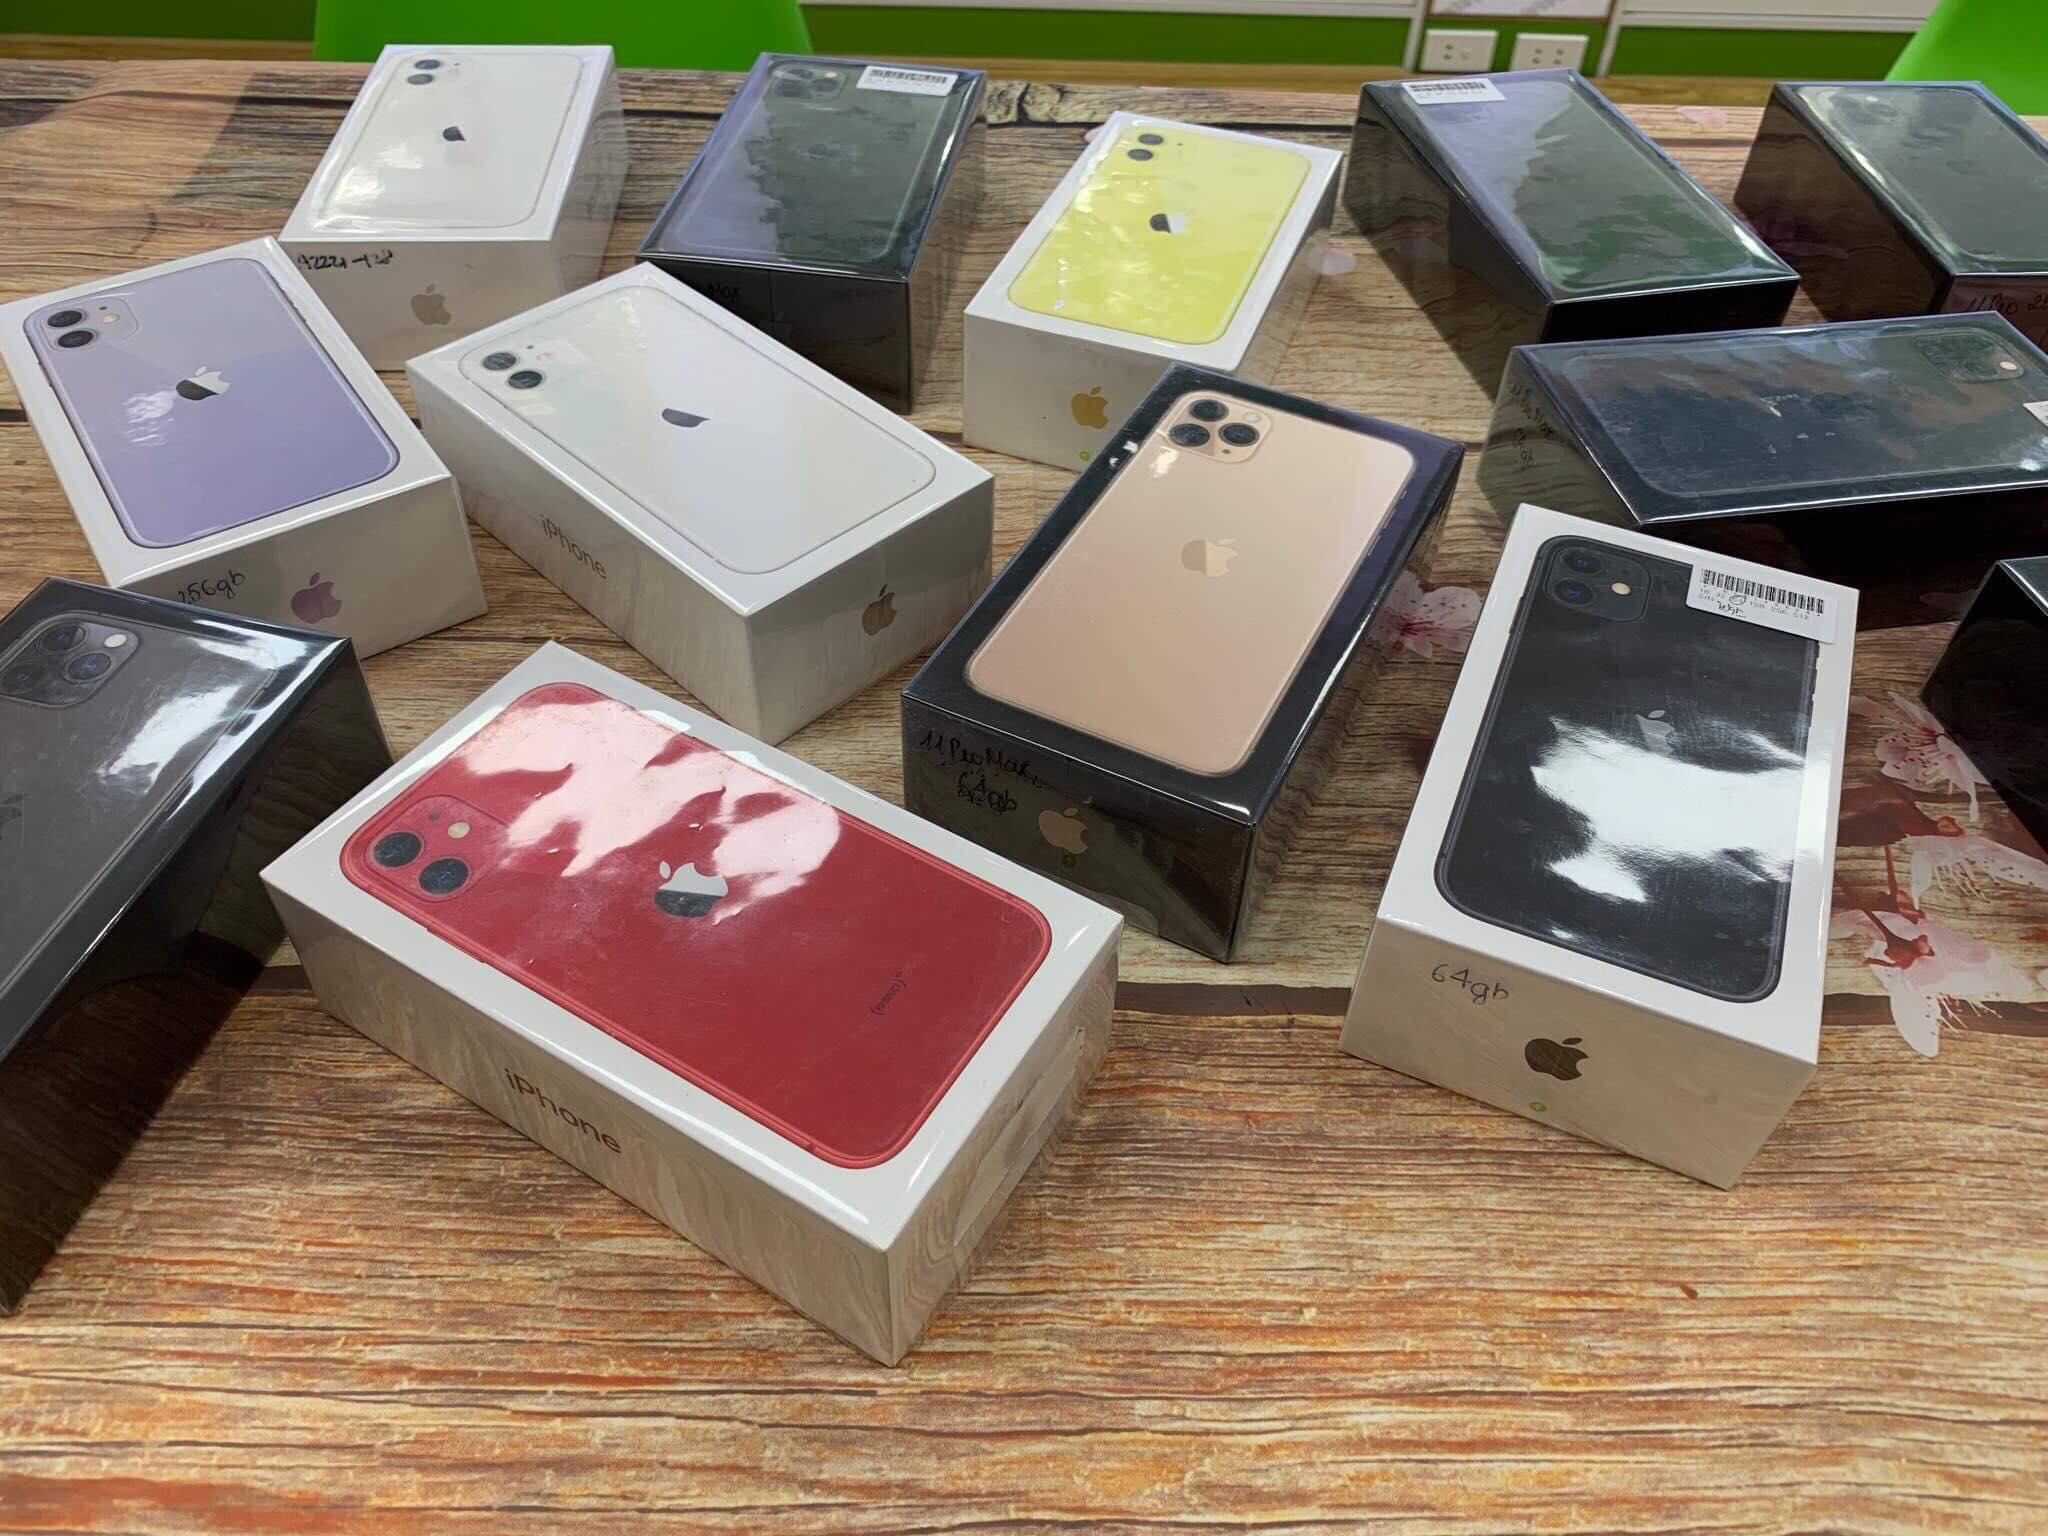 5 IPhone 11 pro , 11 pro max mới tinh đập hộp giá tốt tại Minmobile Hải Phòng - Có trả góp